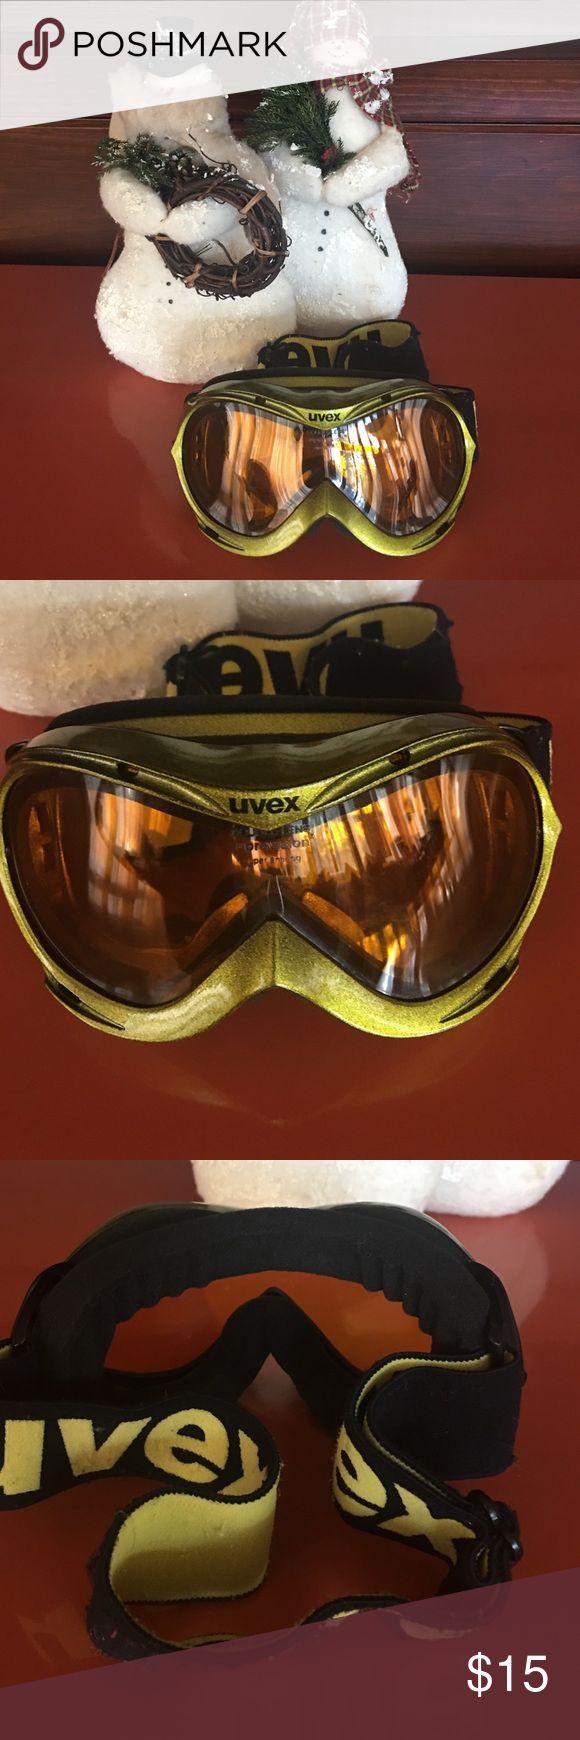 UVEX Child Ski Goggles Hurricane Double Lens Ski